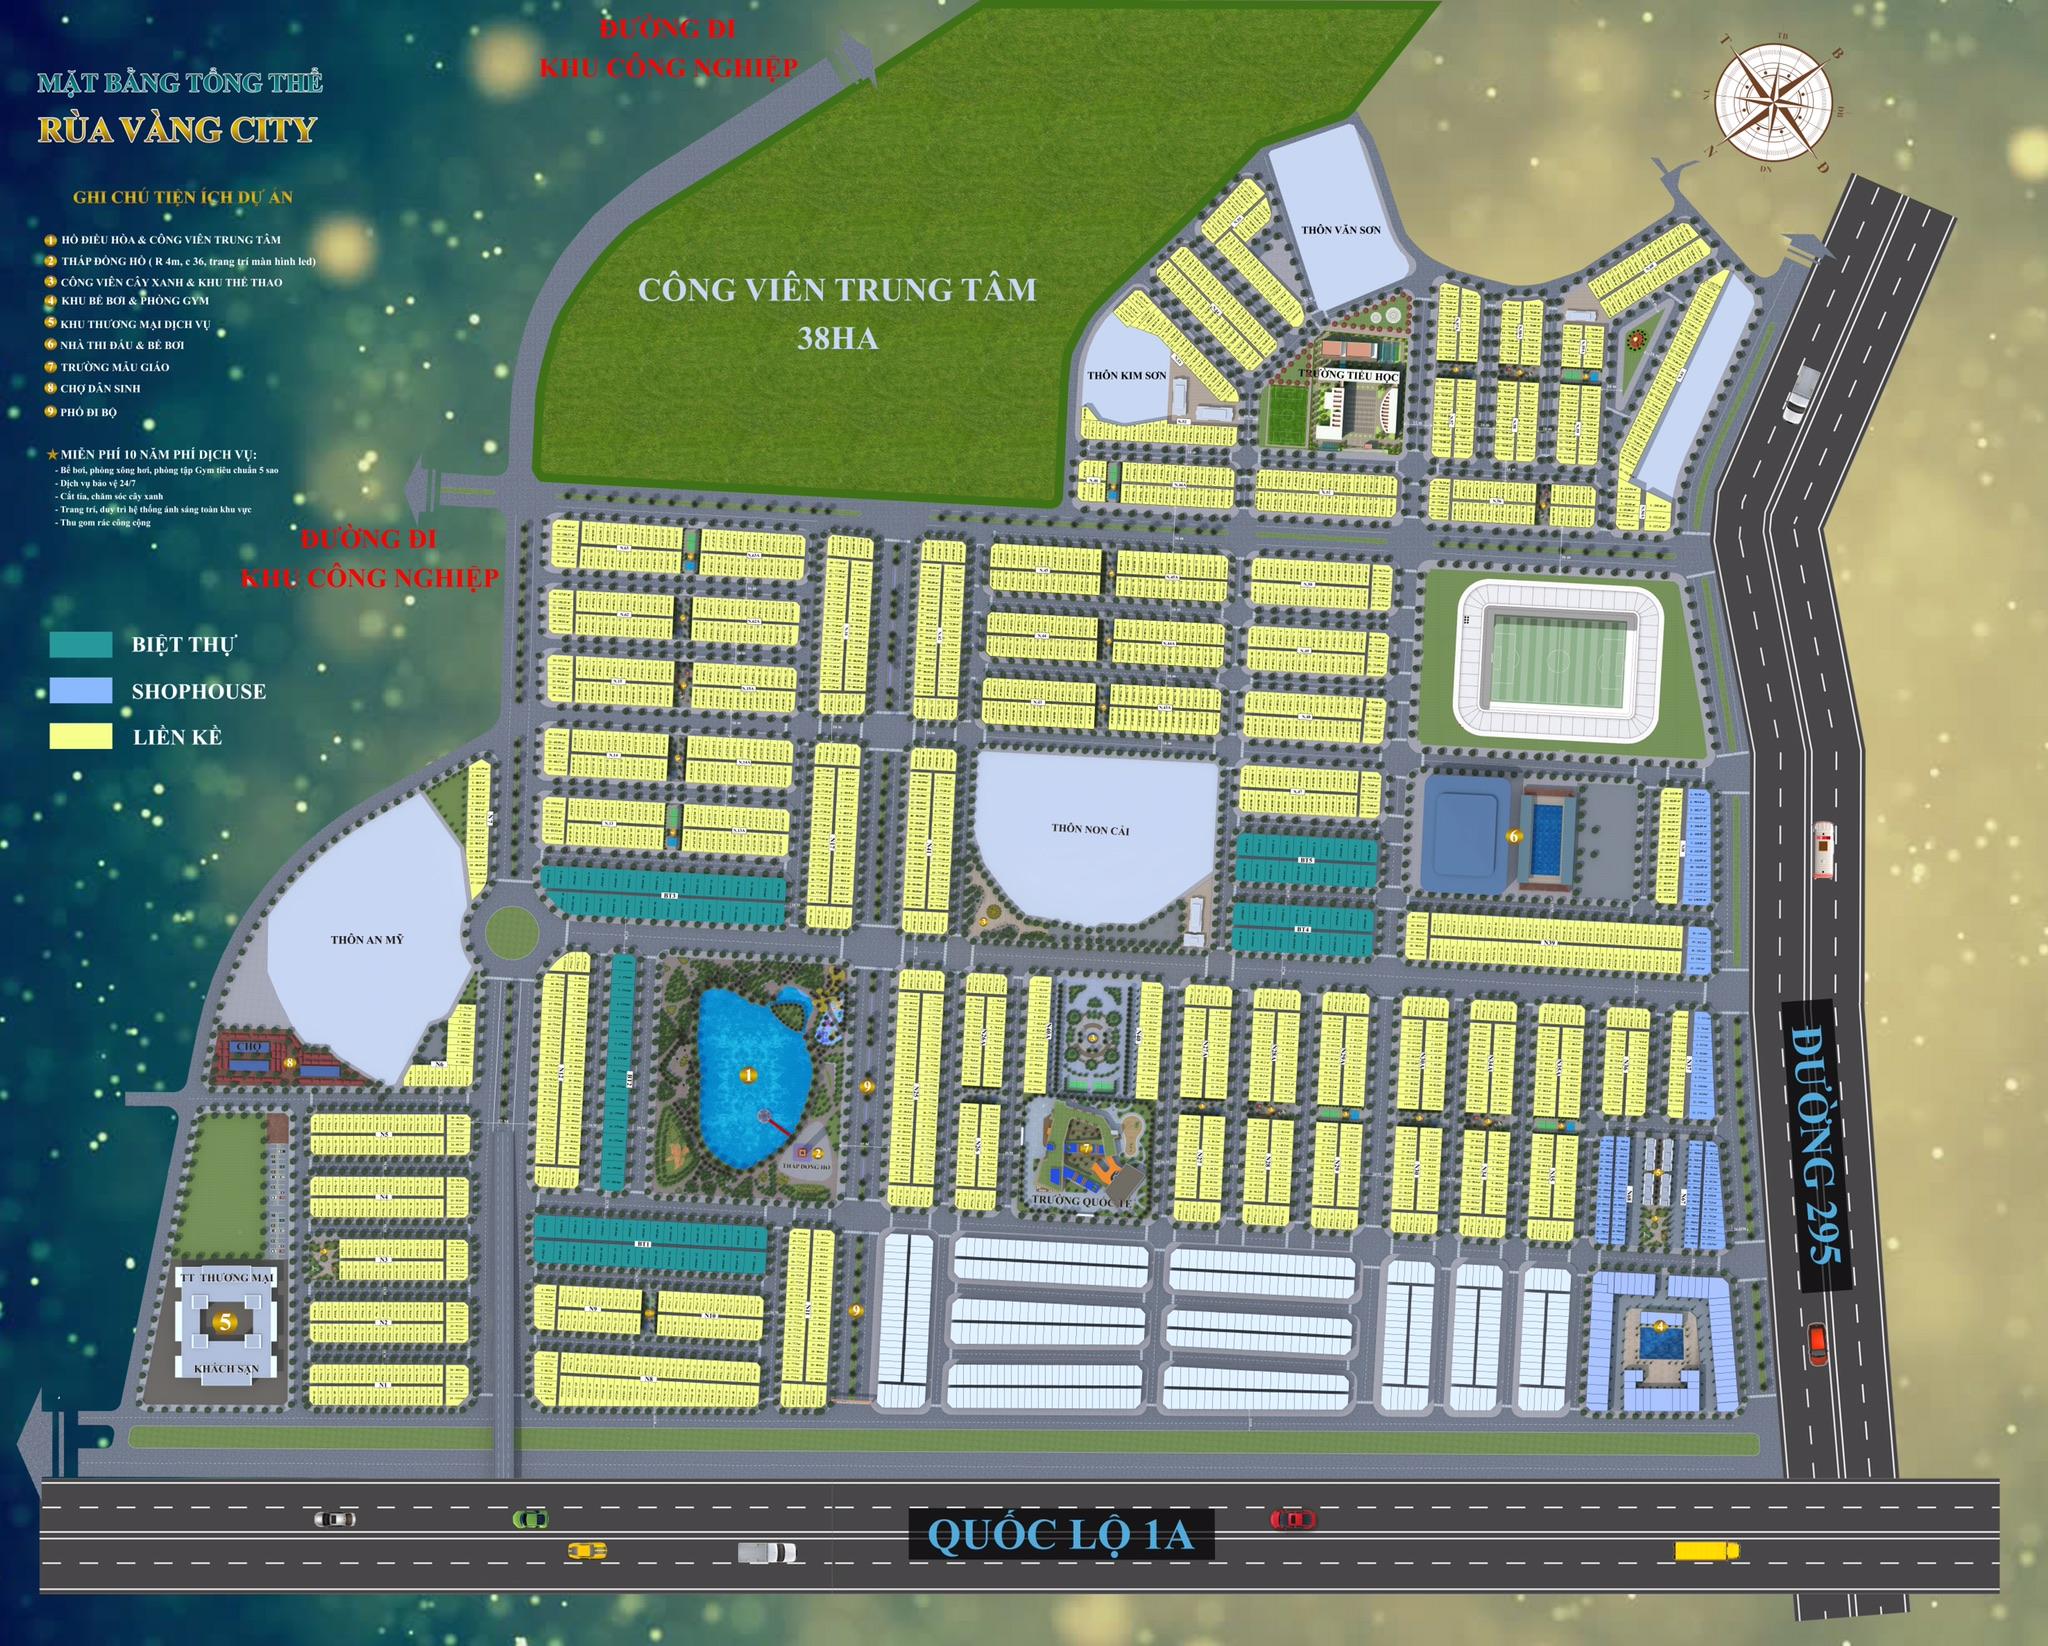 Bán xuất ngoại giao giá từ 1,2tỷ dự án phía Tây thị trấn vôi-rùa vàng city